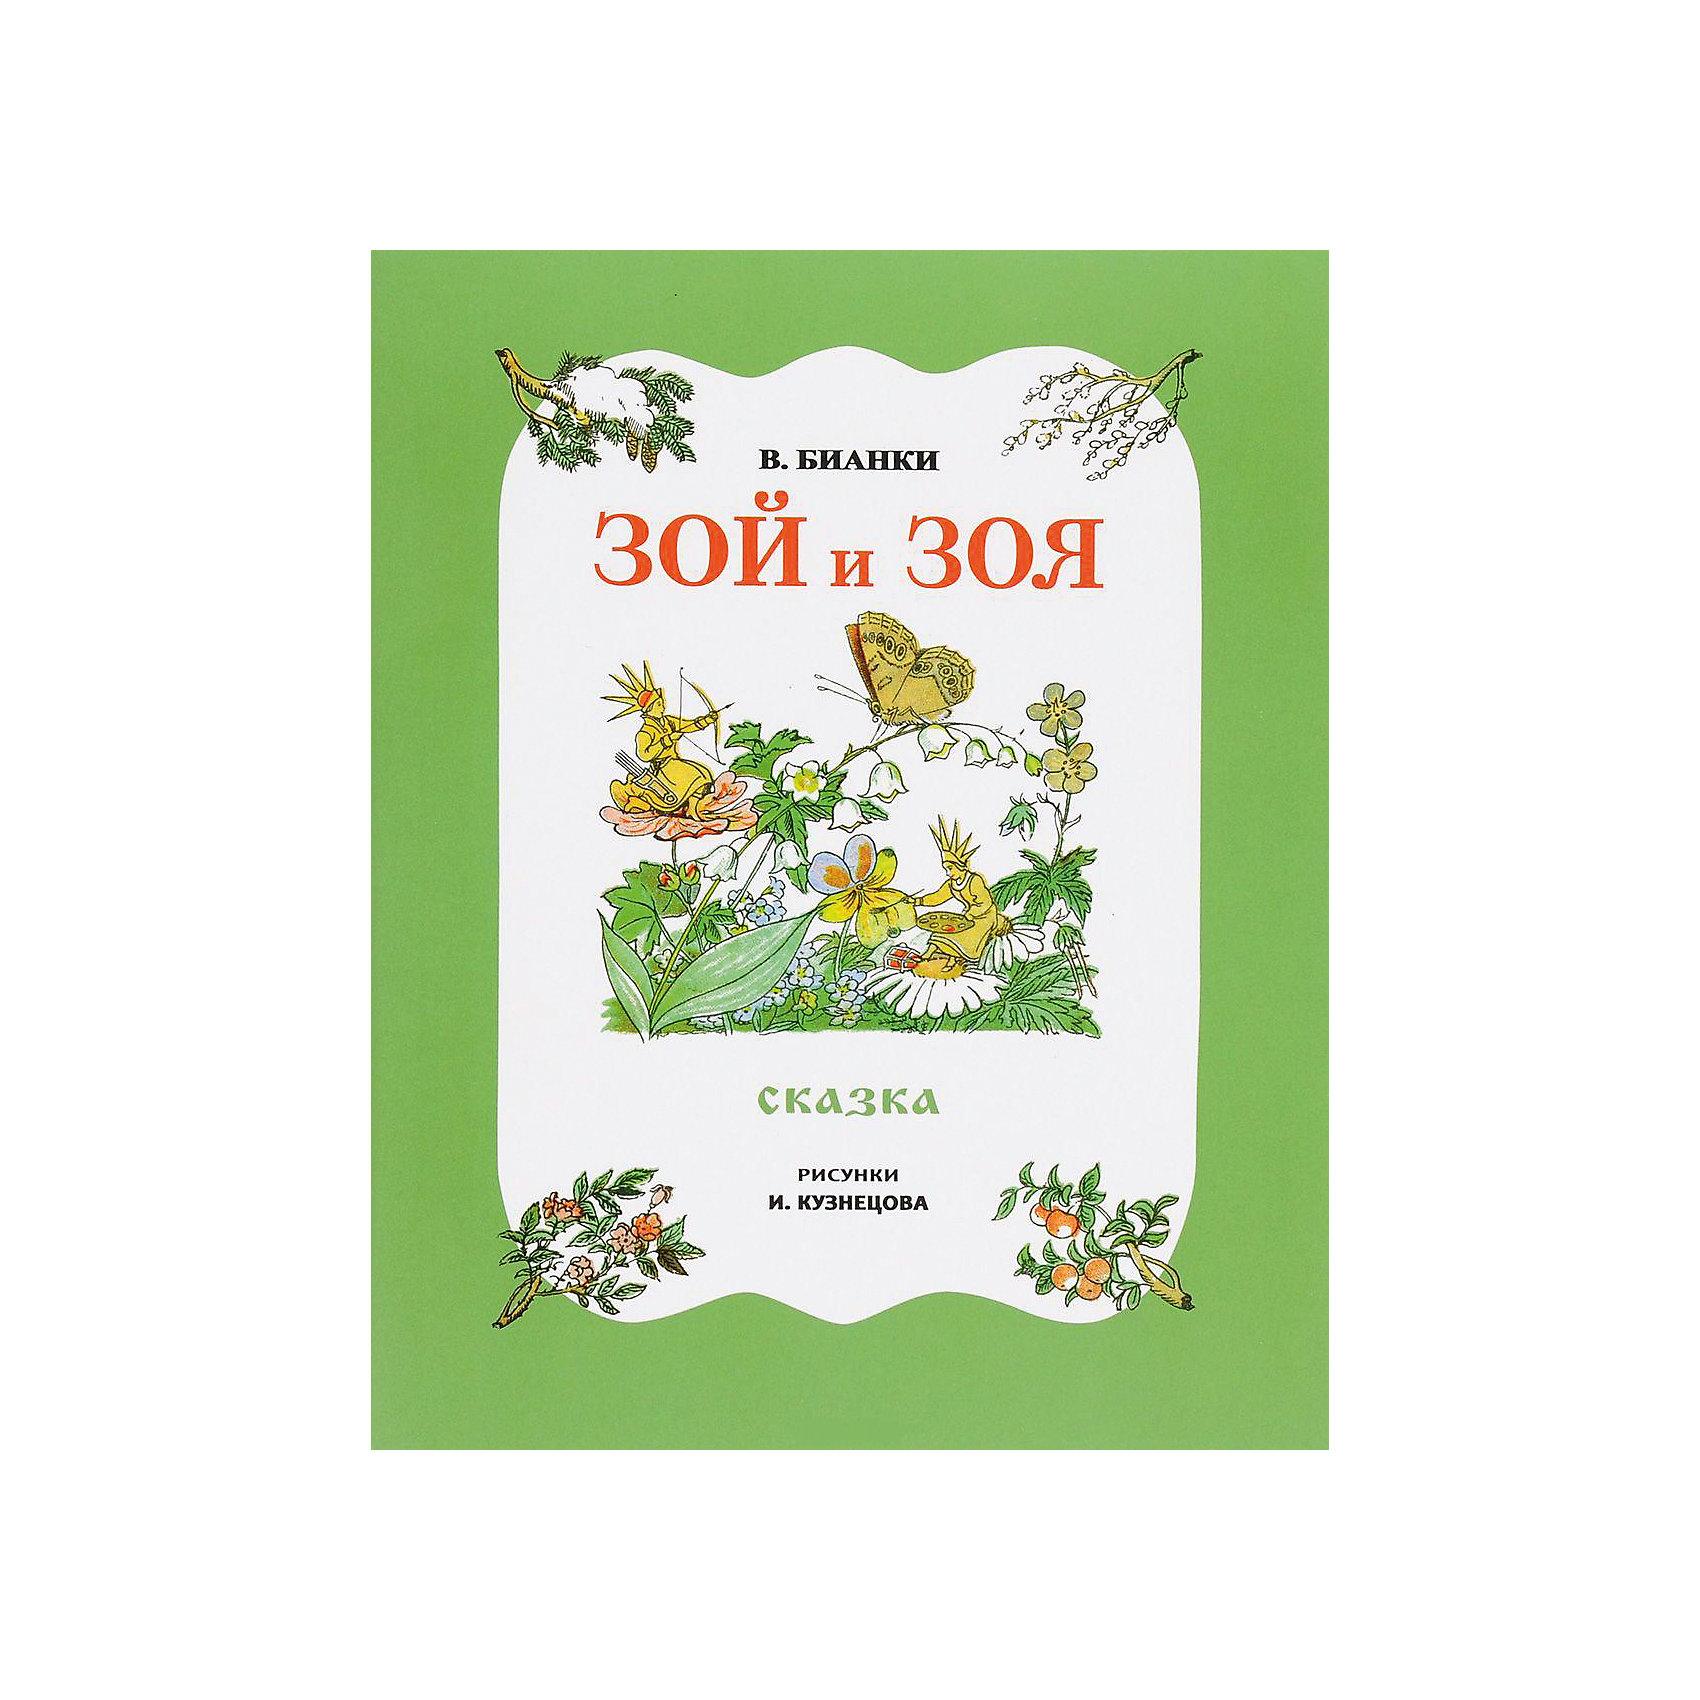 Сказка Зой и Зоя, В. БианкиЗой и Зоя.Сказка, В. Бианки – эта красочно иллюстрированная книга расскажет малышу о временах года, о животных и растениях средней полосы.<br>«Зой и Зоя» – это чудесная сказка, о двух крошечных человечках, которые работают солнечными зайчиками. Они круглый год помогают людям, зверям, птицам, растениям. Например, в январе они напоминают белощекой синице, что ей пора в город, петь первые песни; в феврале лечат обмороженные в лютый мороз лапки белочки; в марте – пробивают наст; в апреле – летают за жаворонками и скворцами, тормошат сонных мух, жуков, паучков; в мае – собирают целебные травы и цветы и т.д. Сказка состоит из 12 рассказов, посвященных 12 месяцам года. Чтение доставит необыкновенное удовольствие, так как сказка написана прекрасным, певучим русским языком. Все развороты сопровождаются красочными полностраничными иллюстрациями, которые органично дополняют авторский текст. Для чтения взрослыми детям.<br><br>Дополнительная информация:<br><br>- Автор: Бианки Виталий Валентинович<br>- Художник: Кузнецов И. А.<br>- Издательство: Облака, 2015 г.<br>- Тип обложки: мягкий переплет (крепление скрепкой или клеем)<br>- Иллюстрации: цветные<br>- Количество страниц: 28 (офсет)<br>- Размер: 275x215x3 мм.<br>- Вес: 138 гр.<br><br>Книгу Зой и Зоя. Сказка, В. Бианки можно купить в нашем интернет-магазине.<br><br>Ширина мм: 215<br>Глубина мм: 3<br>Высота мм: 275<br>Вес г: 138<br>Возраст от месяцев: -2147483648<br>Возраст до месяцев: 2147483647<br>Пол: Унисекс<br>Возраст: Детский<br>SKU: 4916598